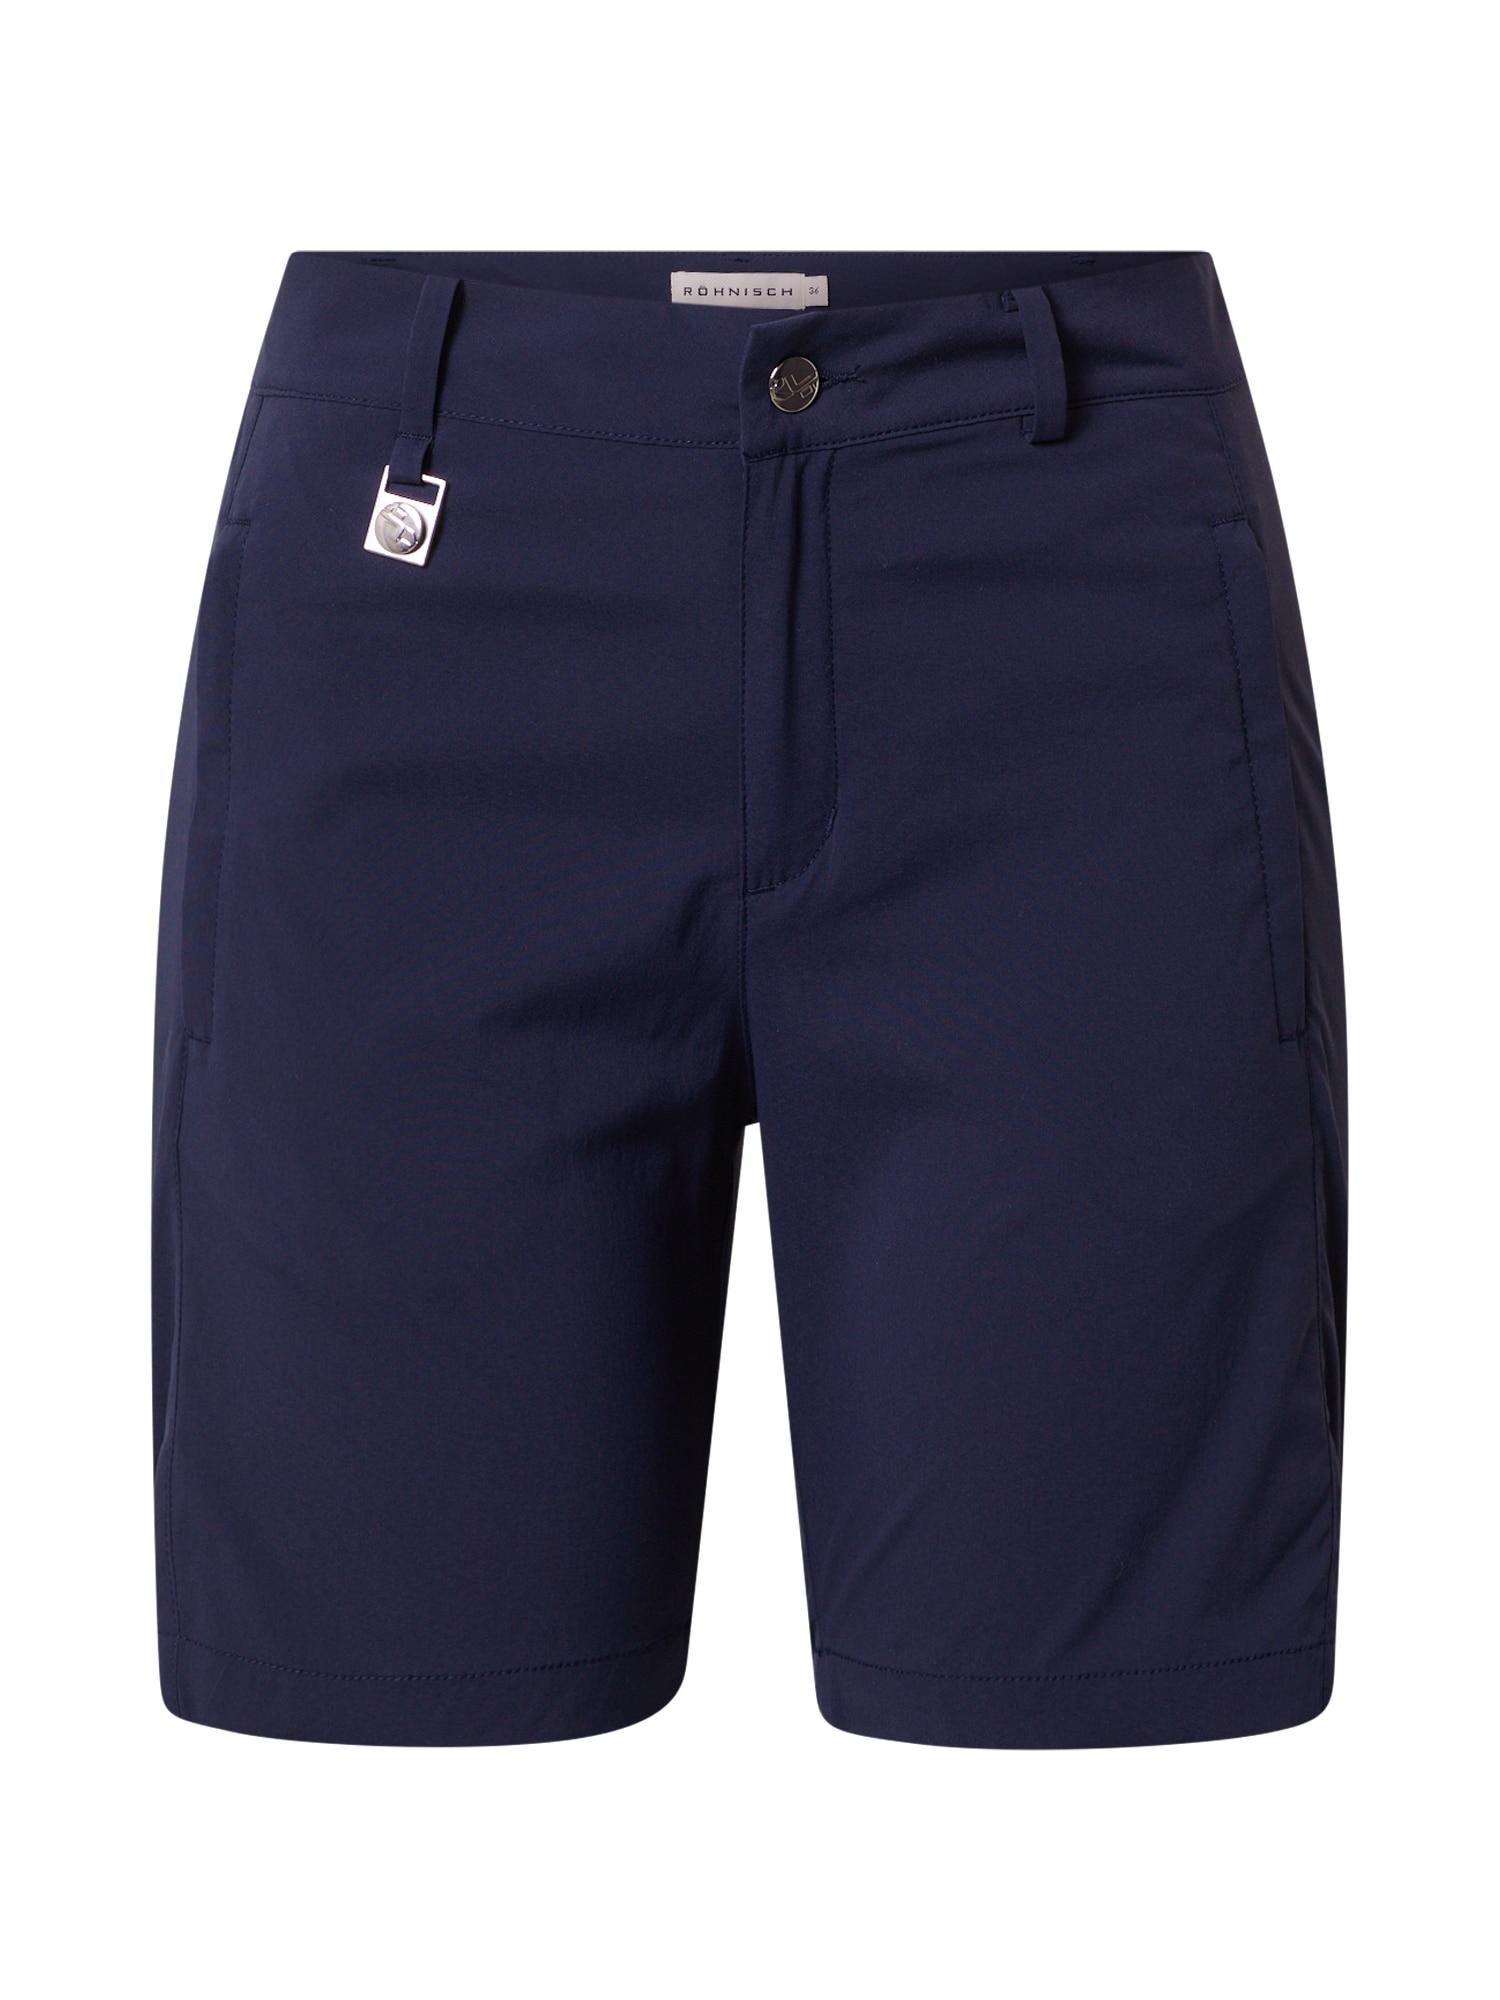 Röhnisch Sportinės kelnės tamsiai mėlyna